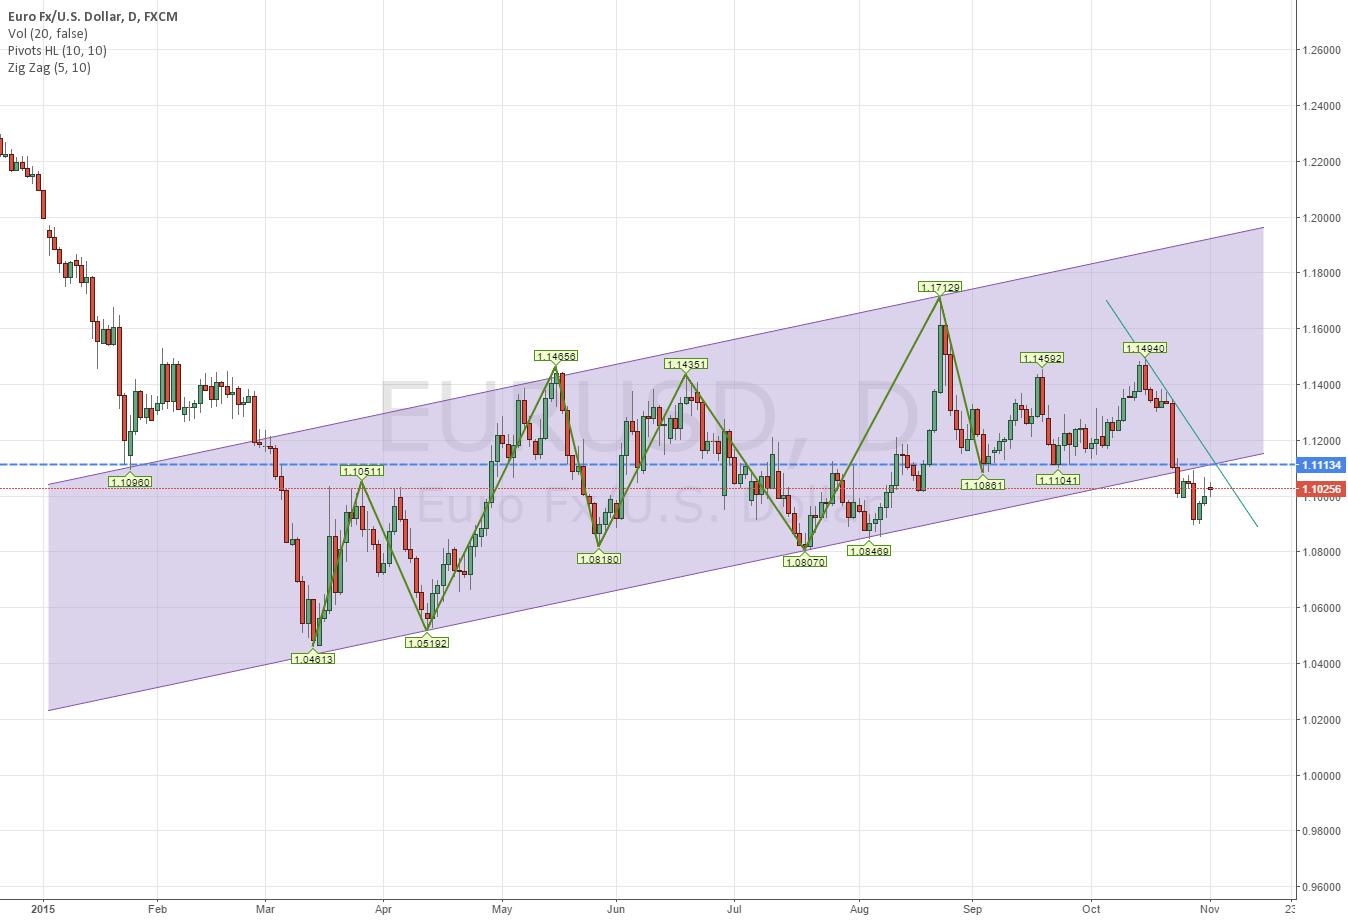 Tough Spot for EURUSD